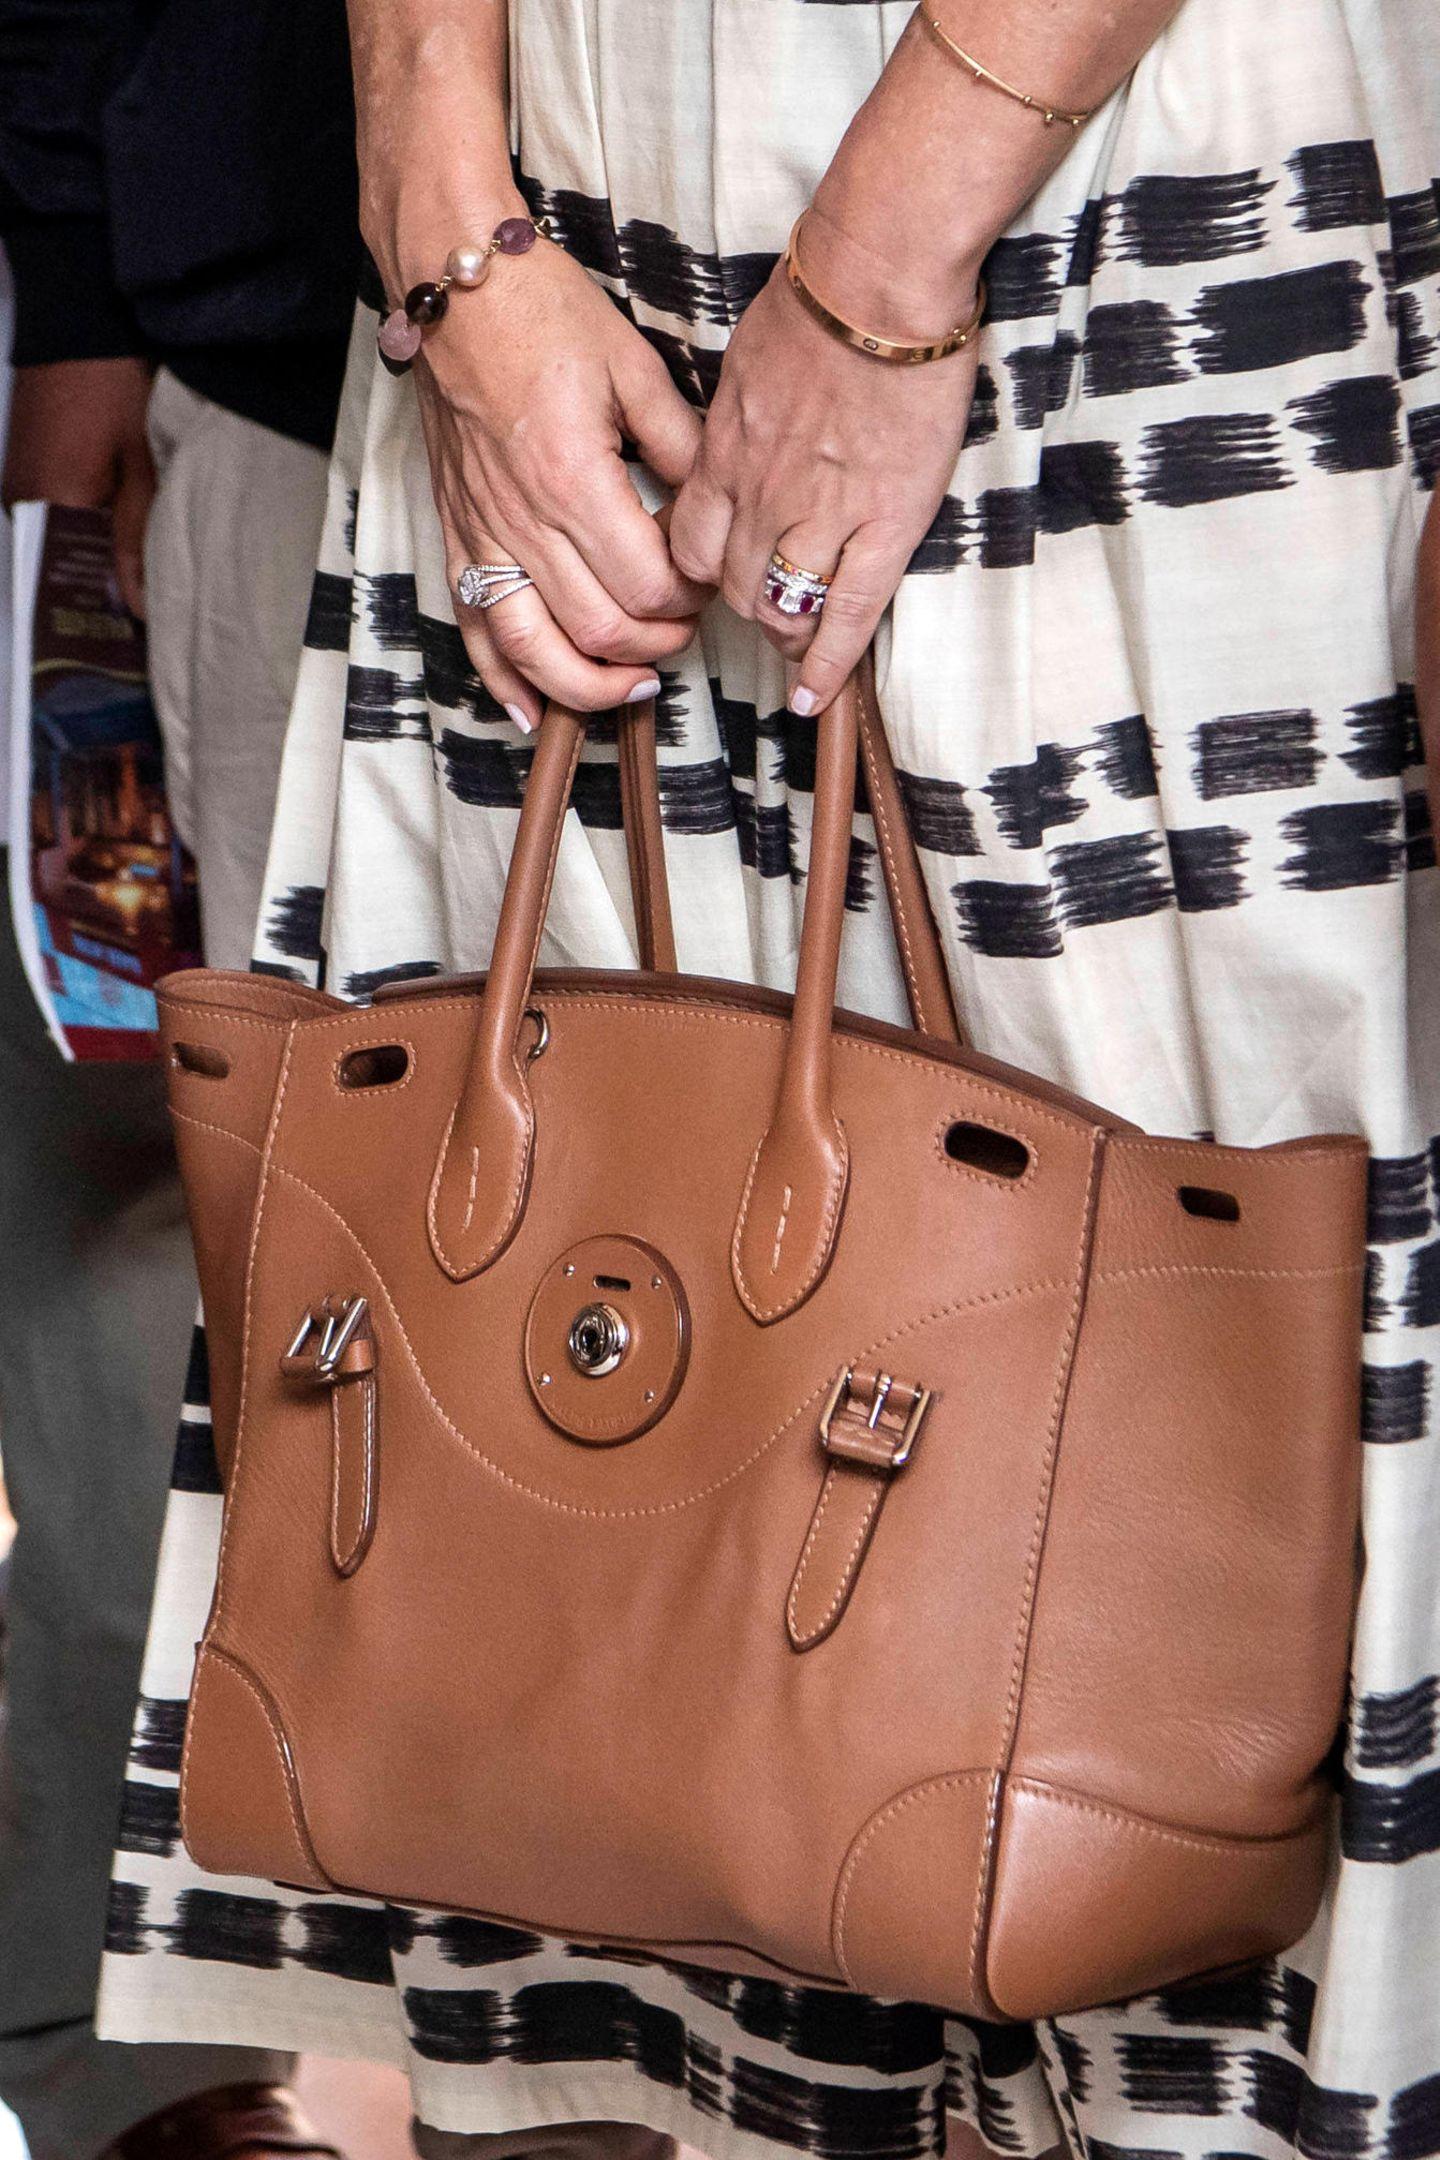 Außerdem dabei: Ihre brauneLedertasche von Ralph Lauren für etwa 350 Euro – passtperfekt zumOutfit der Prinzessin!